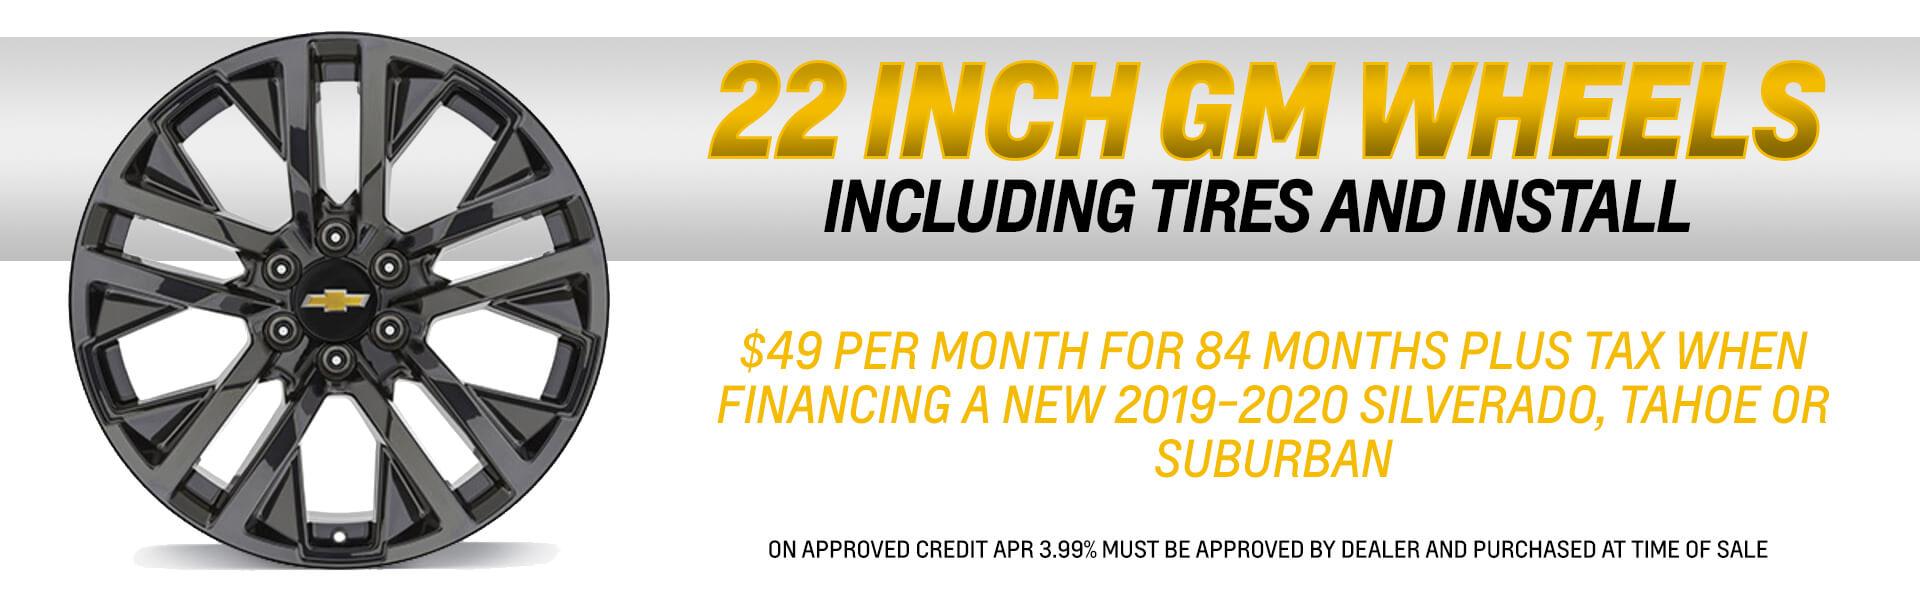 22 Inch GM Wheels